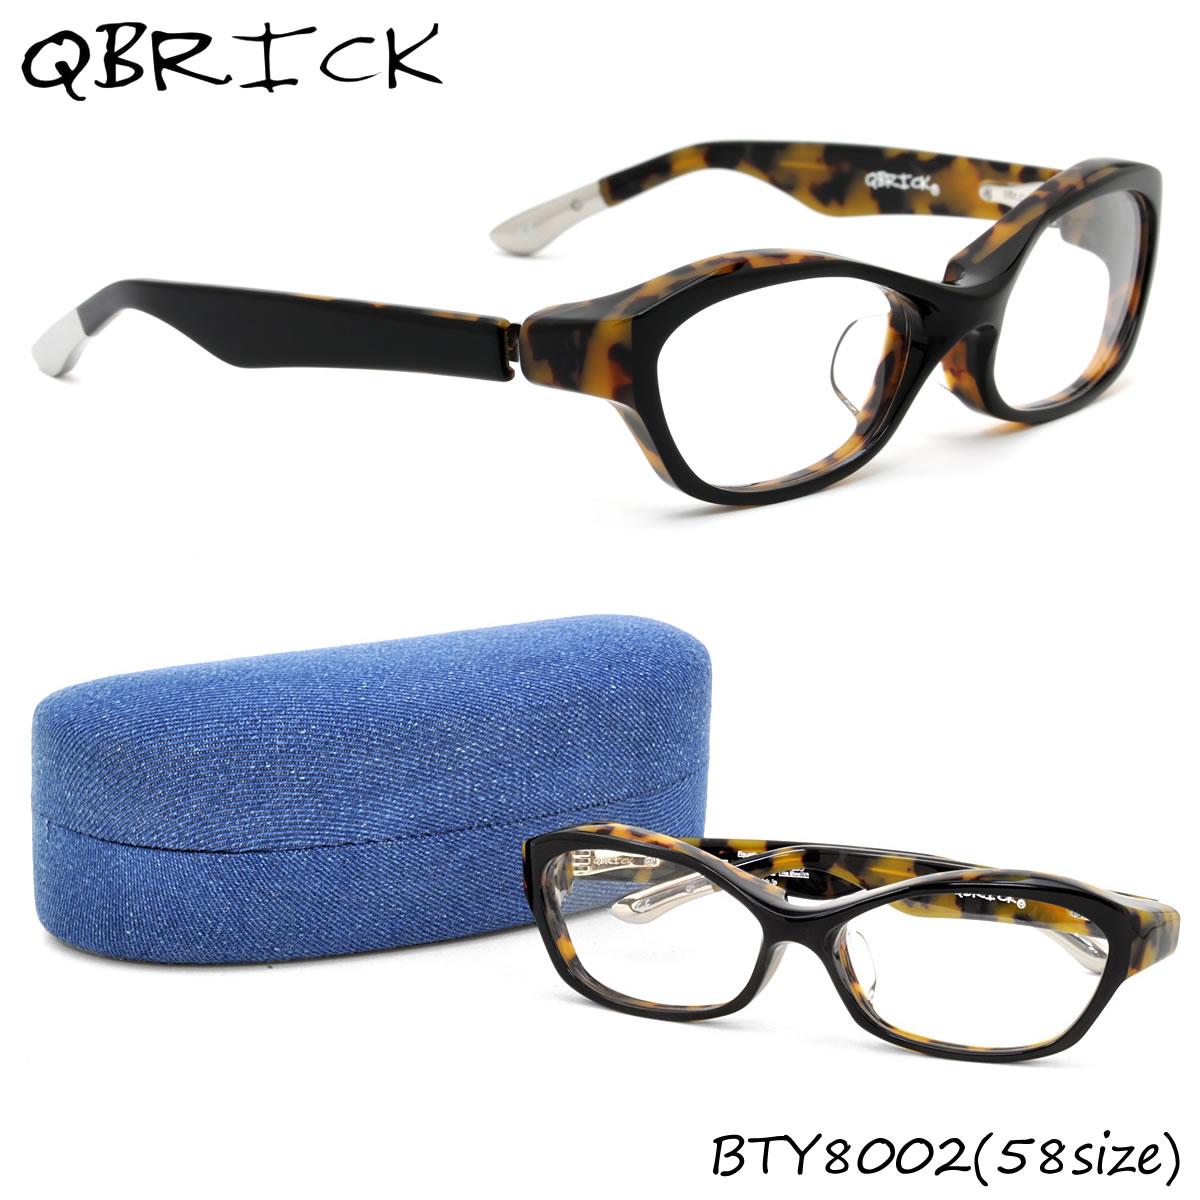 ポイント最大42倍!!お得なクーポンも !! 【Qbrick】(キューブリック) メガネ フレーム BTY8002 58サイズ フォックス BLAISE ブレーズ キューブリック QBRICK アイウェア メンズ レディース